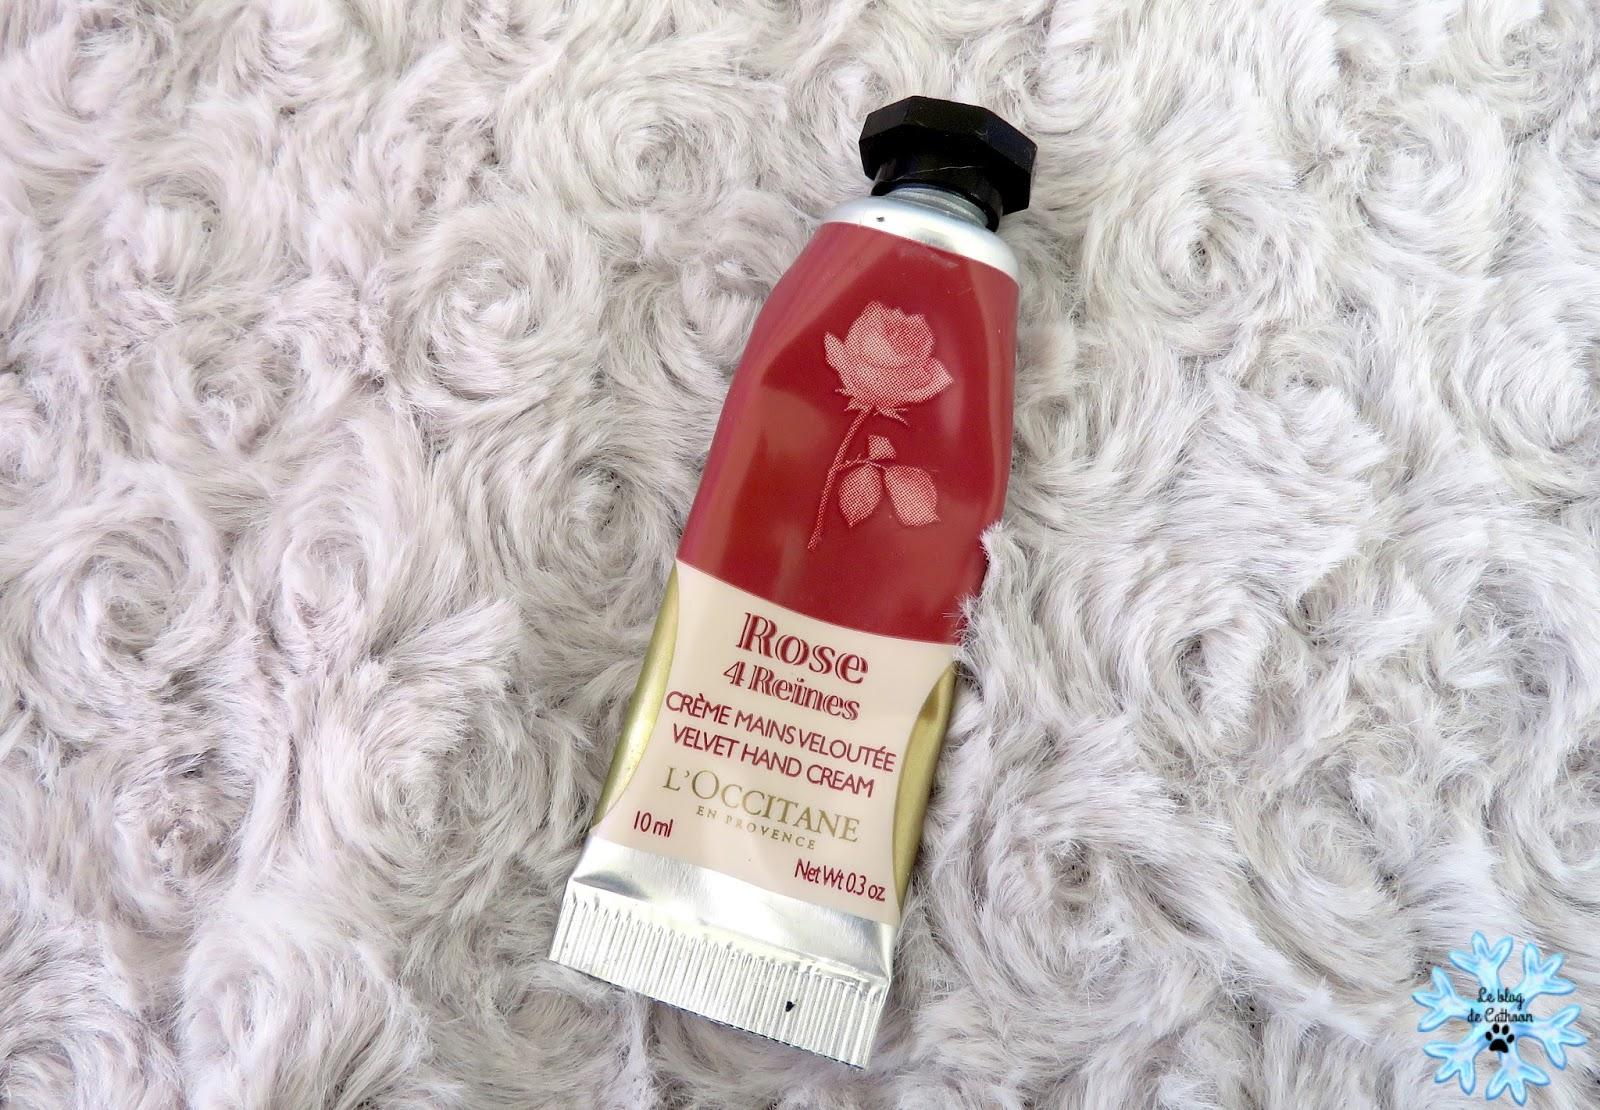 Rose 4 Reines - Crème Mains Veloutée - L'Occitane